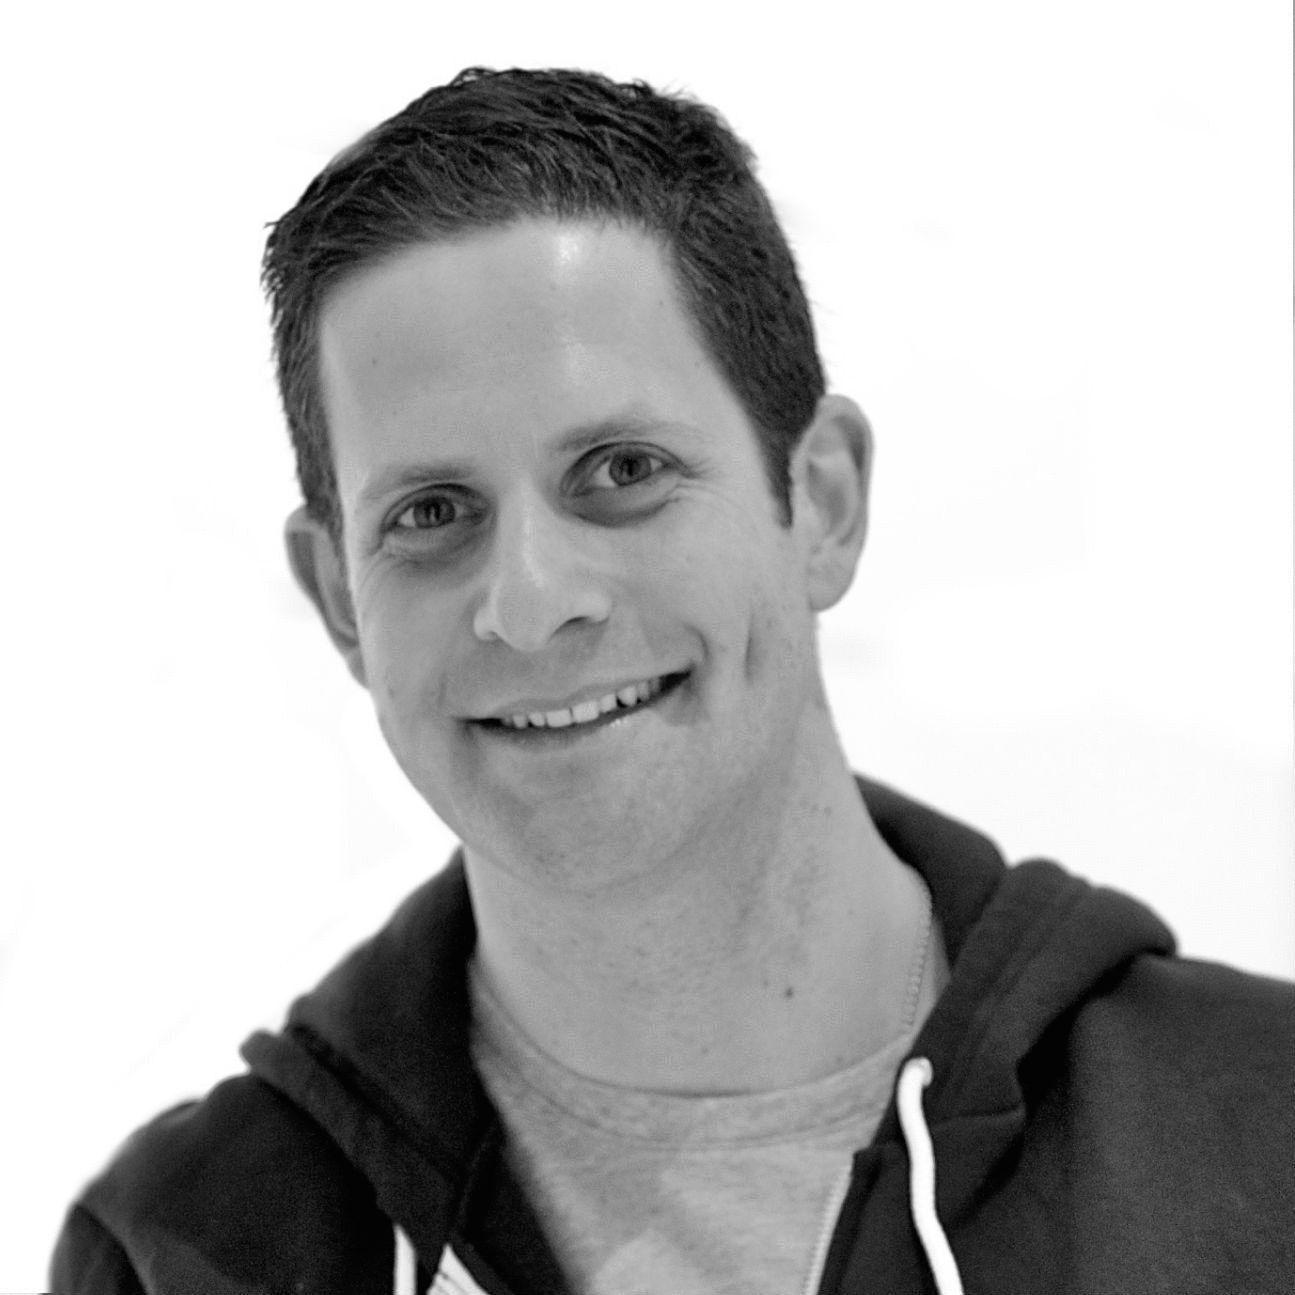 Daniel Cowen